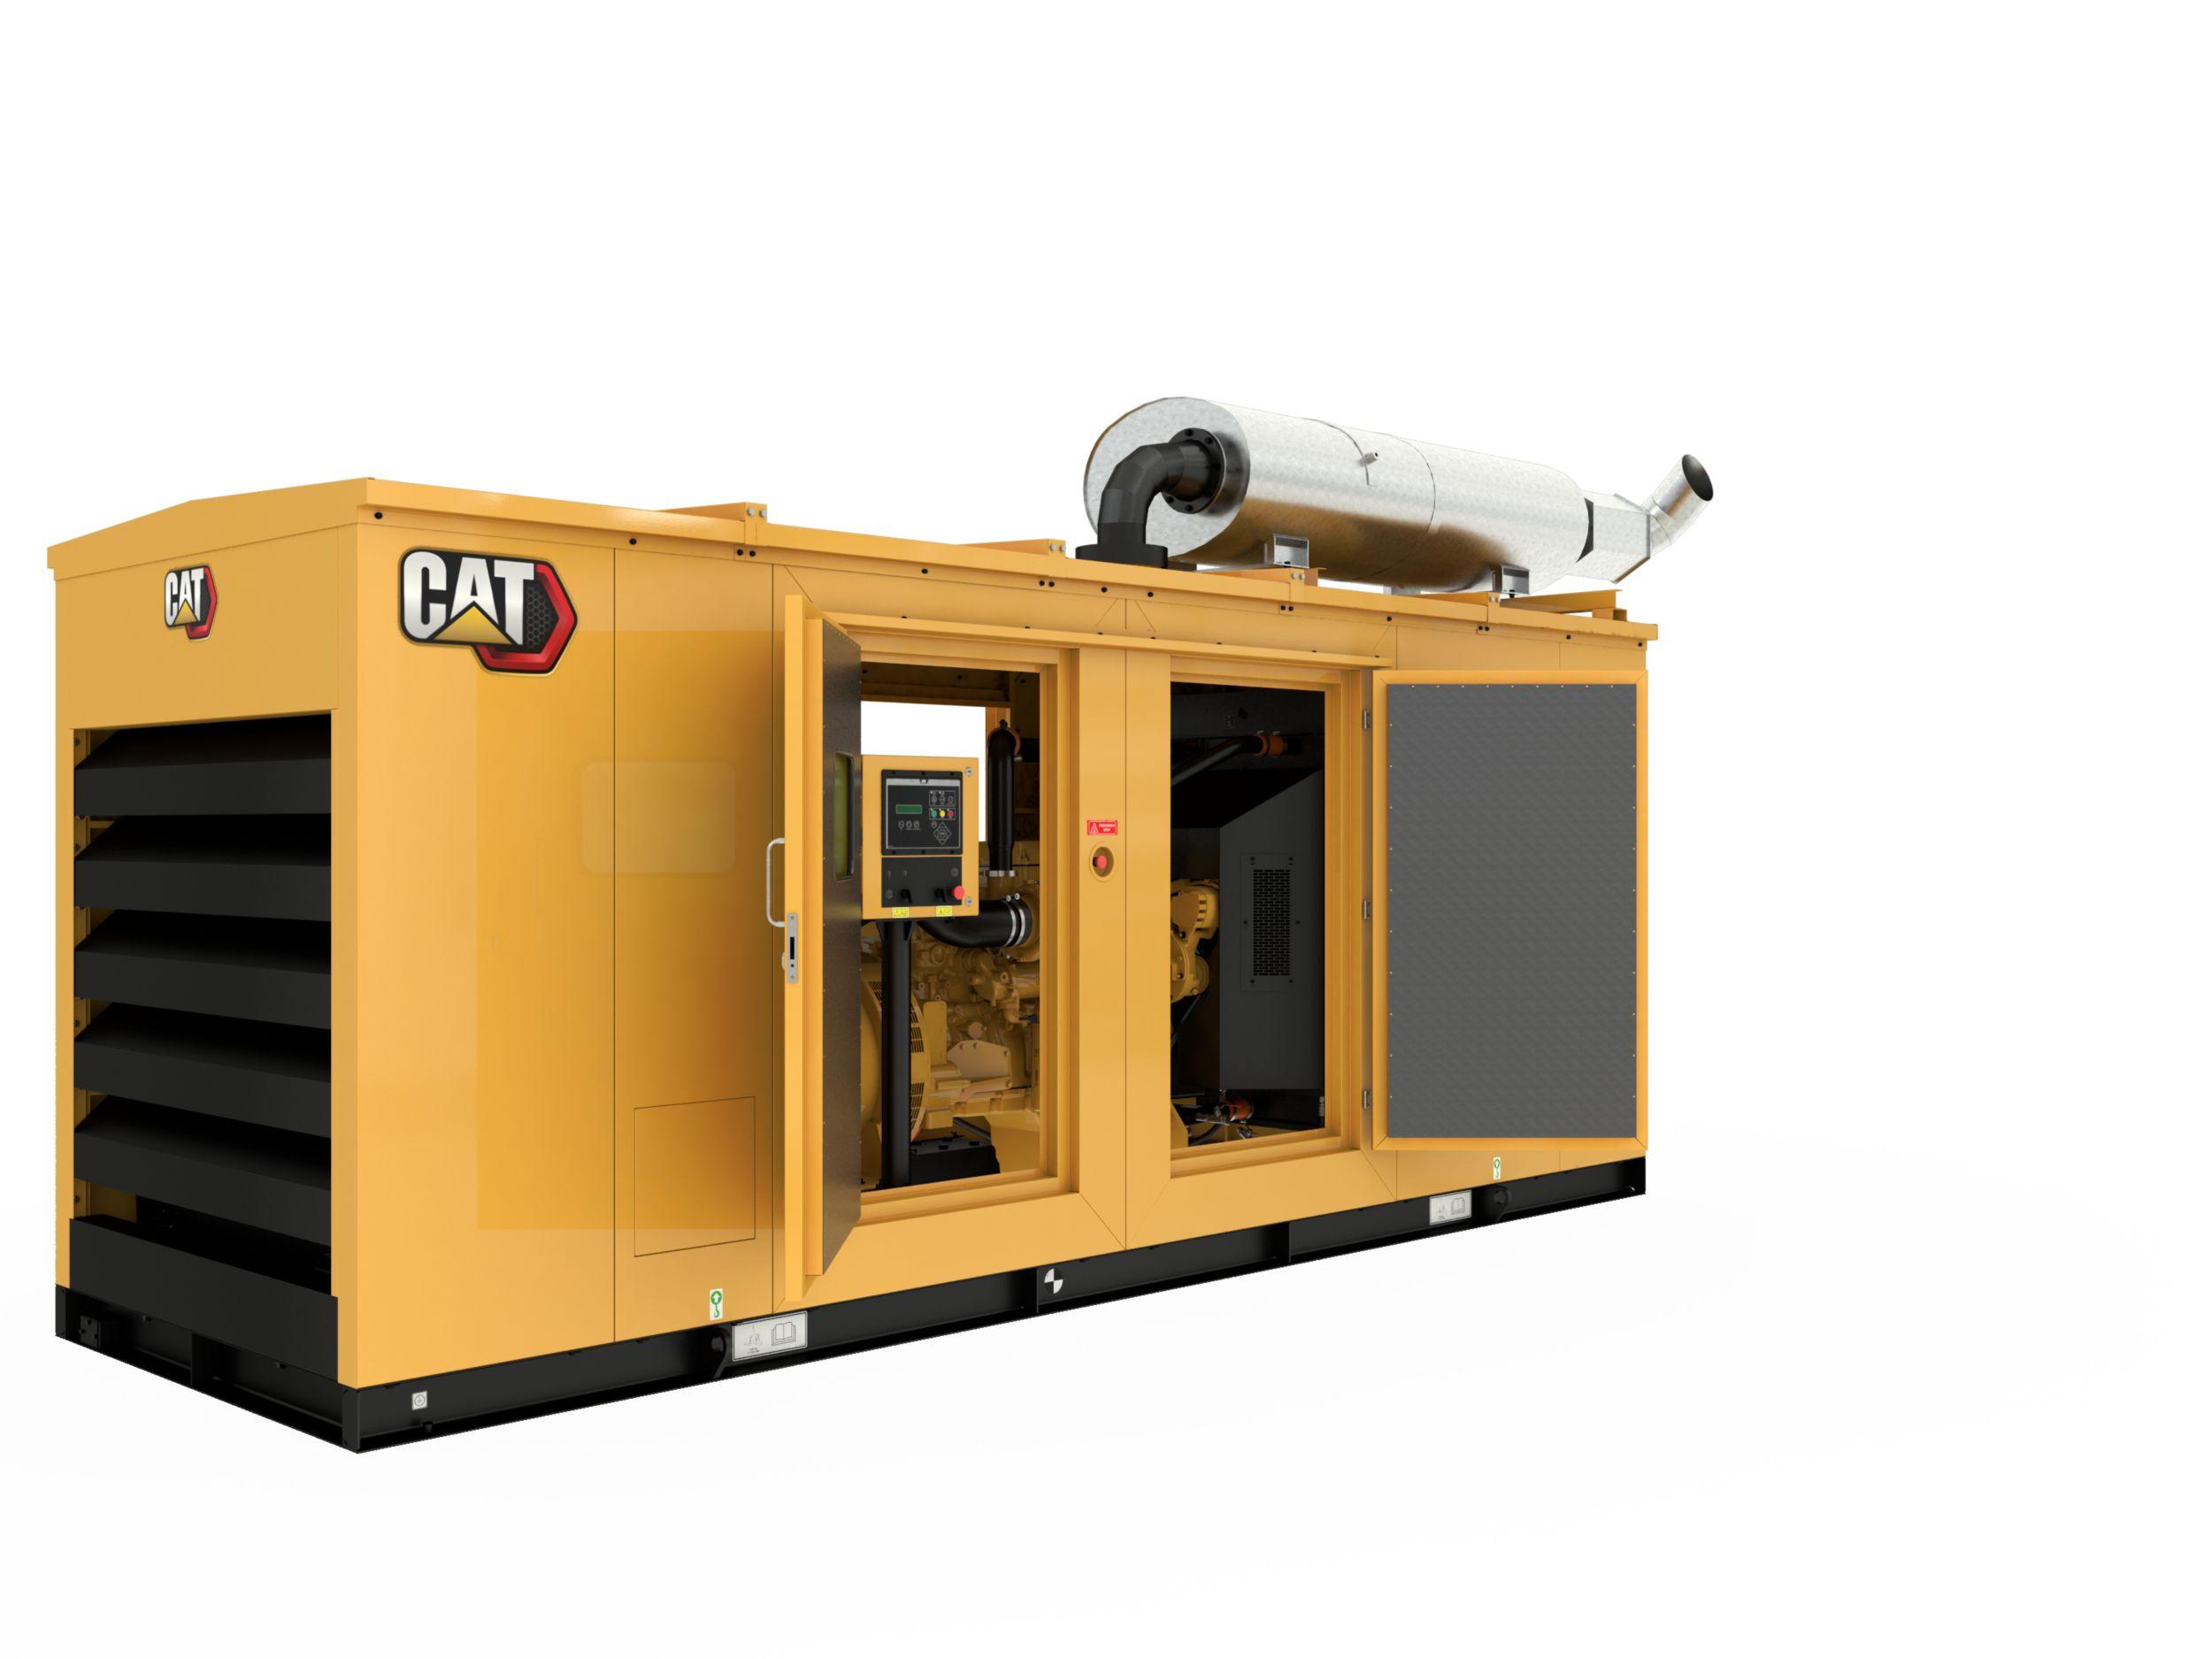 C13 Diesel Generator Enclosure Doors open>